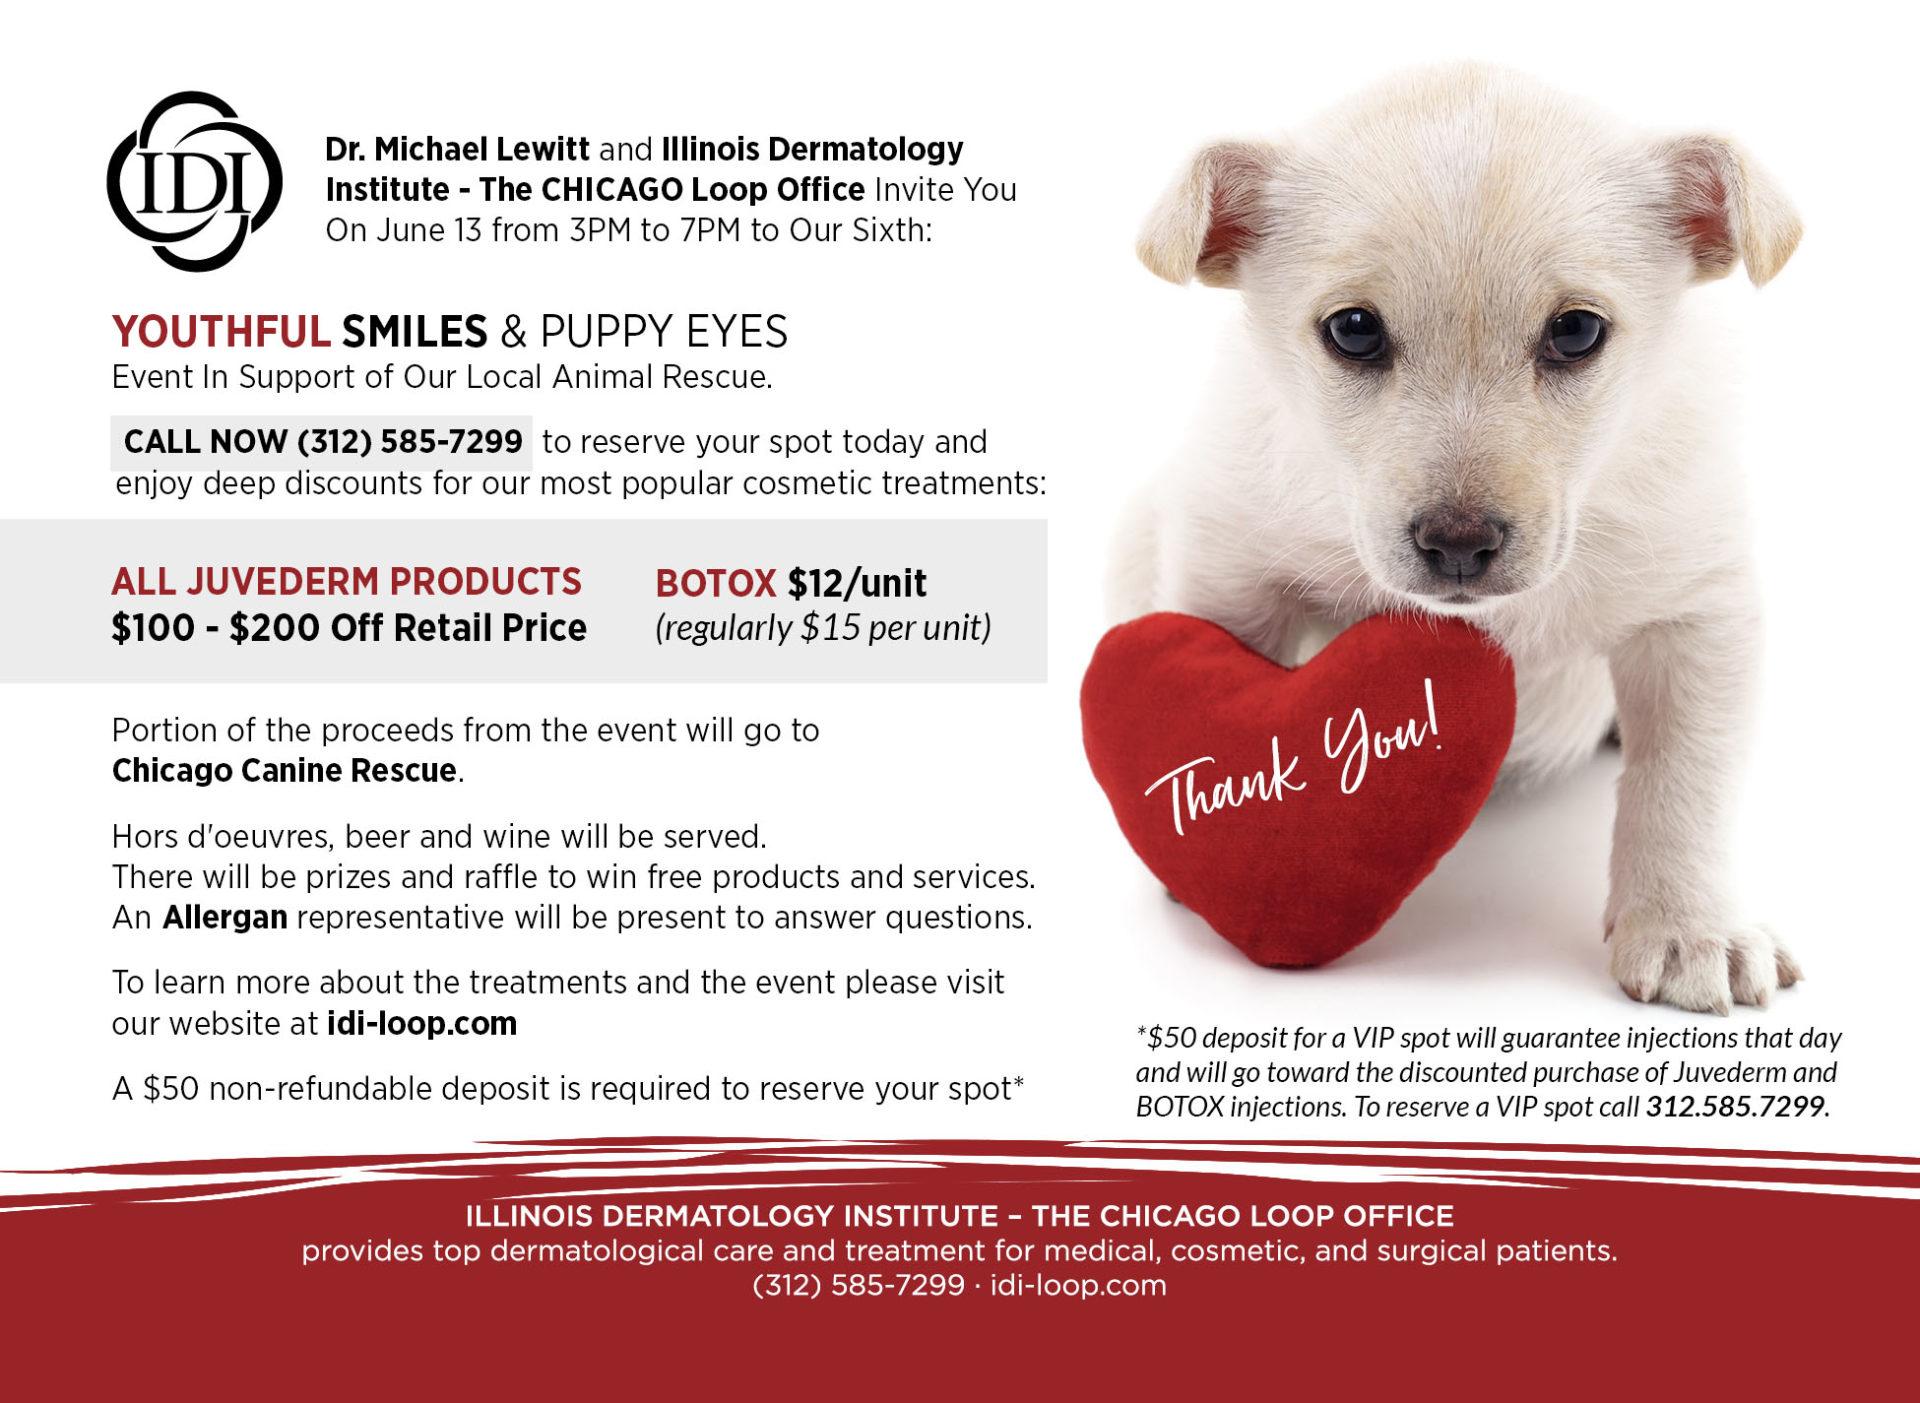 Idiloopjune13postcard45625backv1 Chicago Canine Rescue